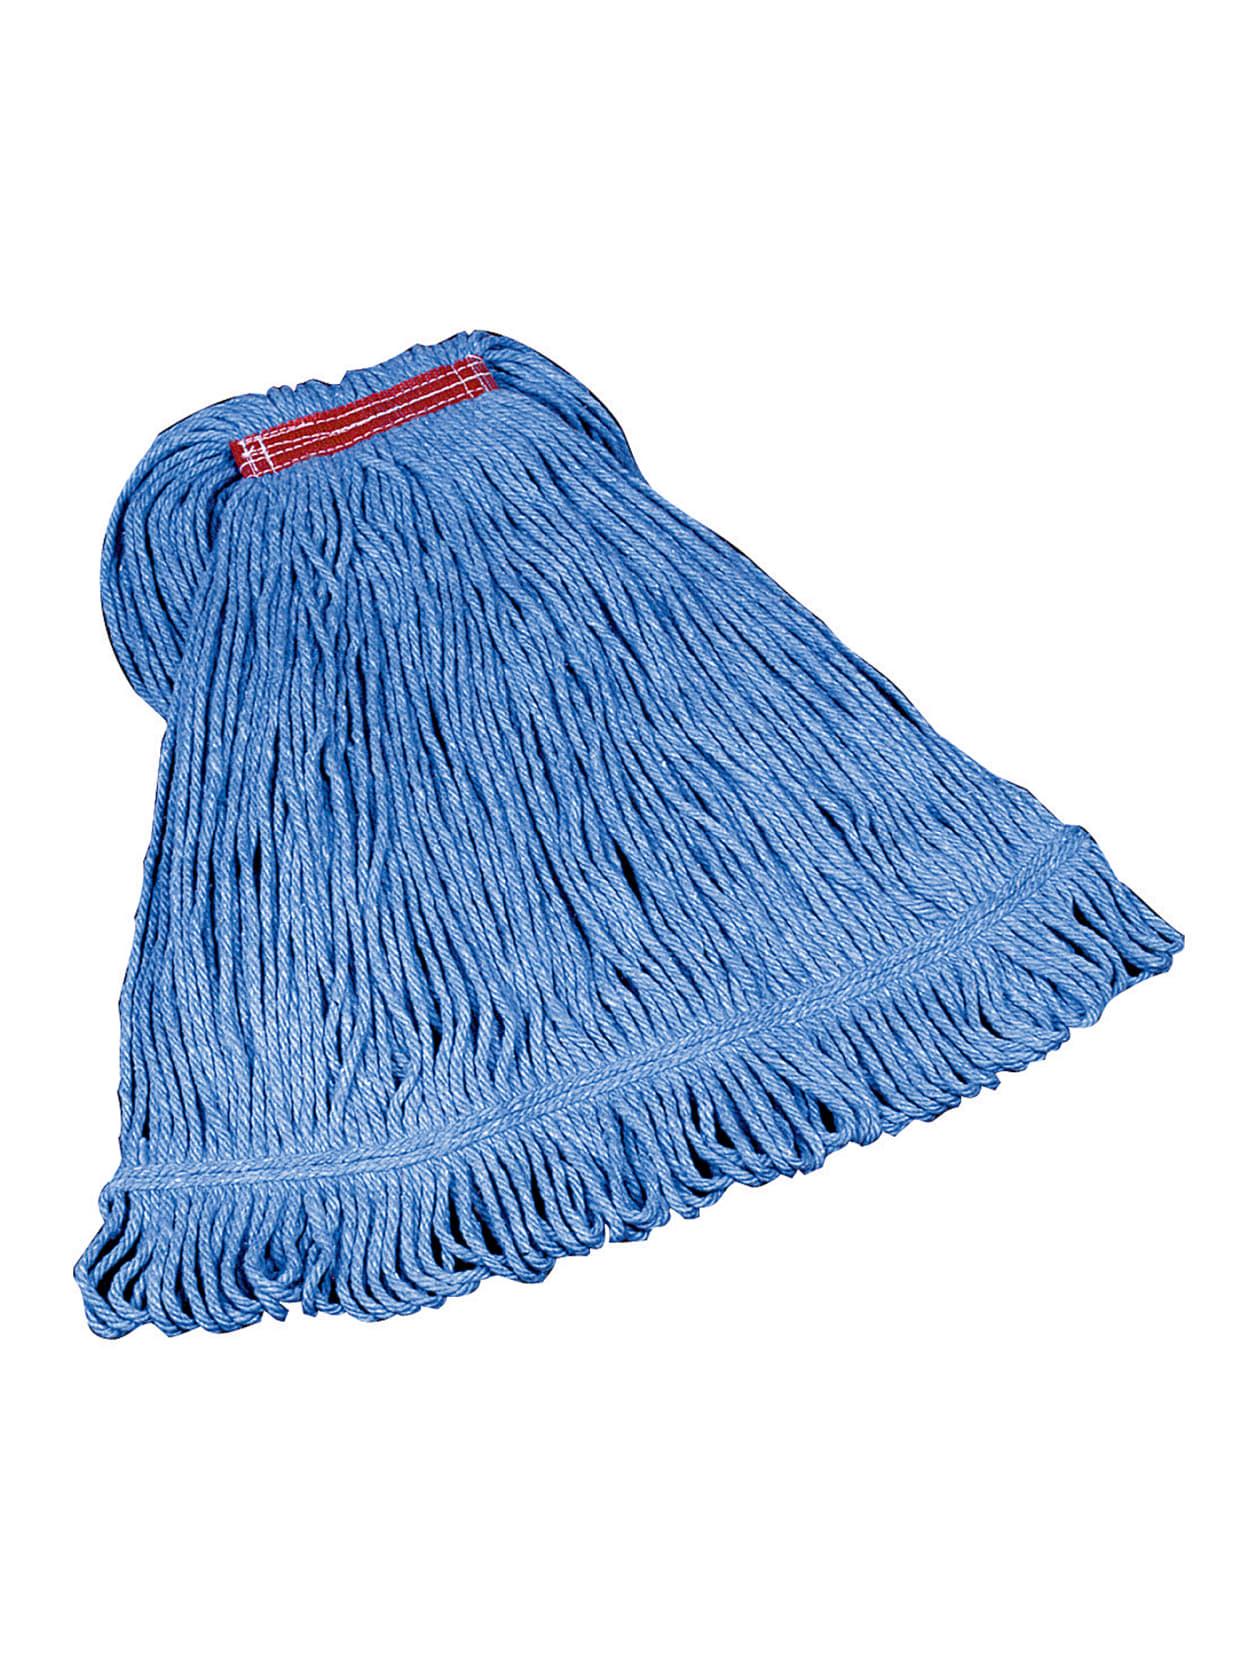 Rubbermaid Super Stitch Blend Mop Medium 1 Headband Blue Office Depot